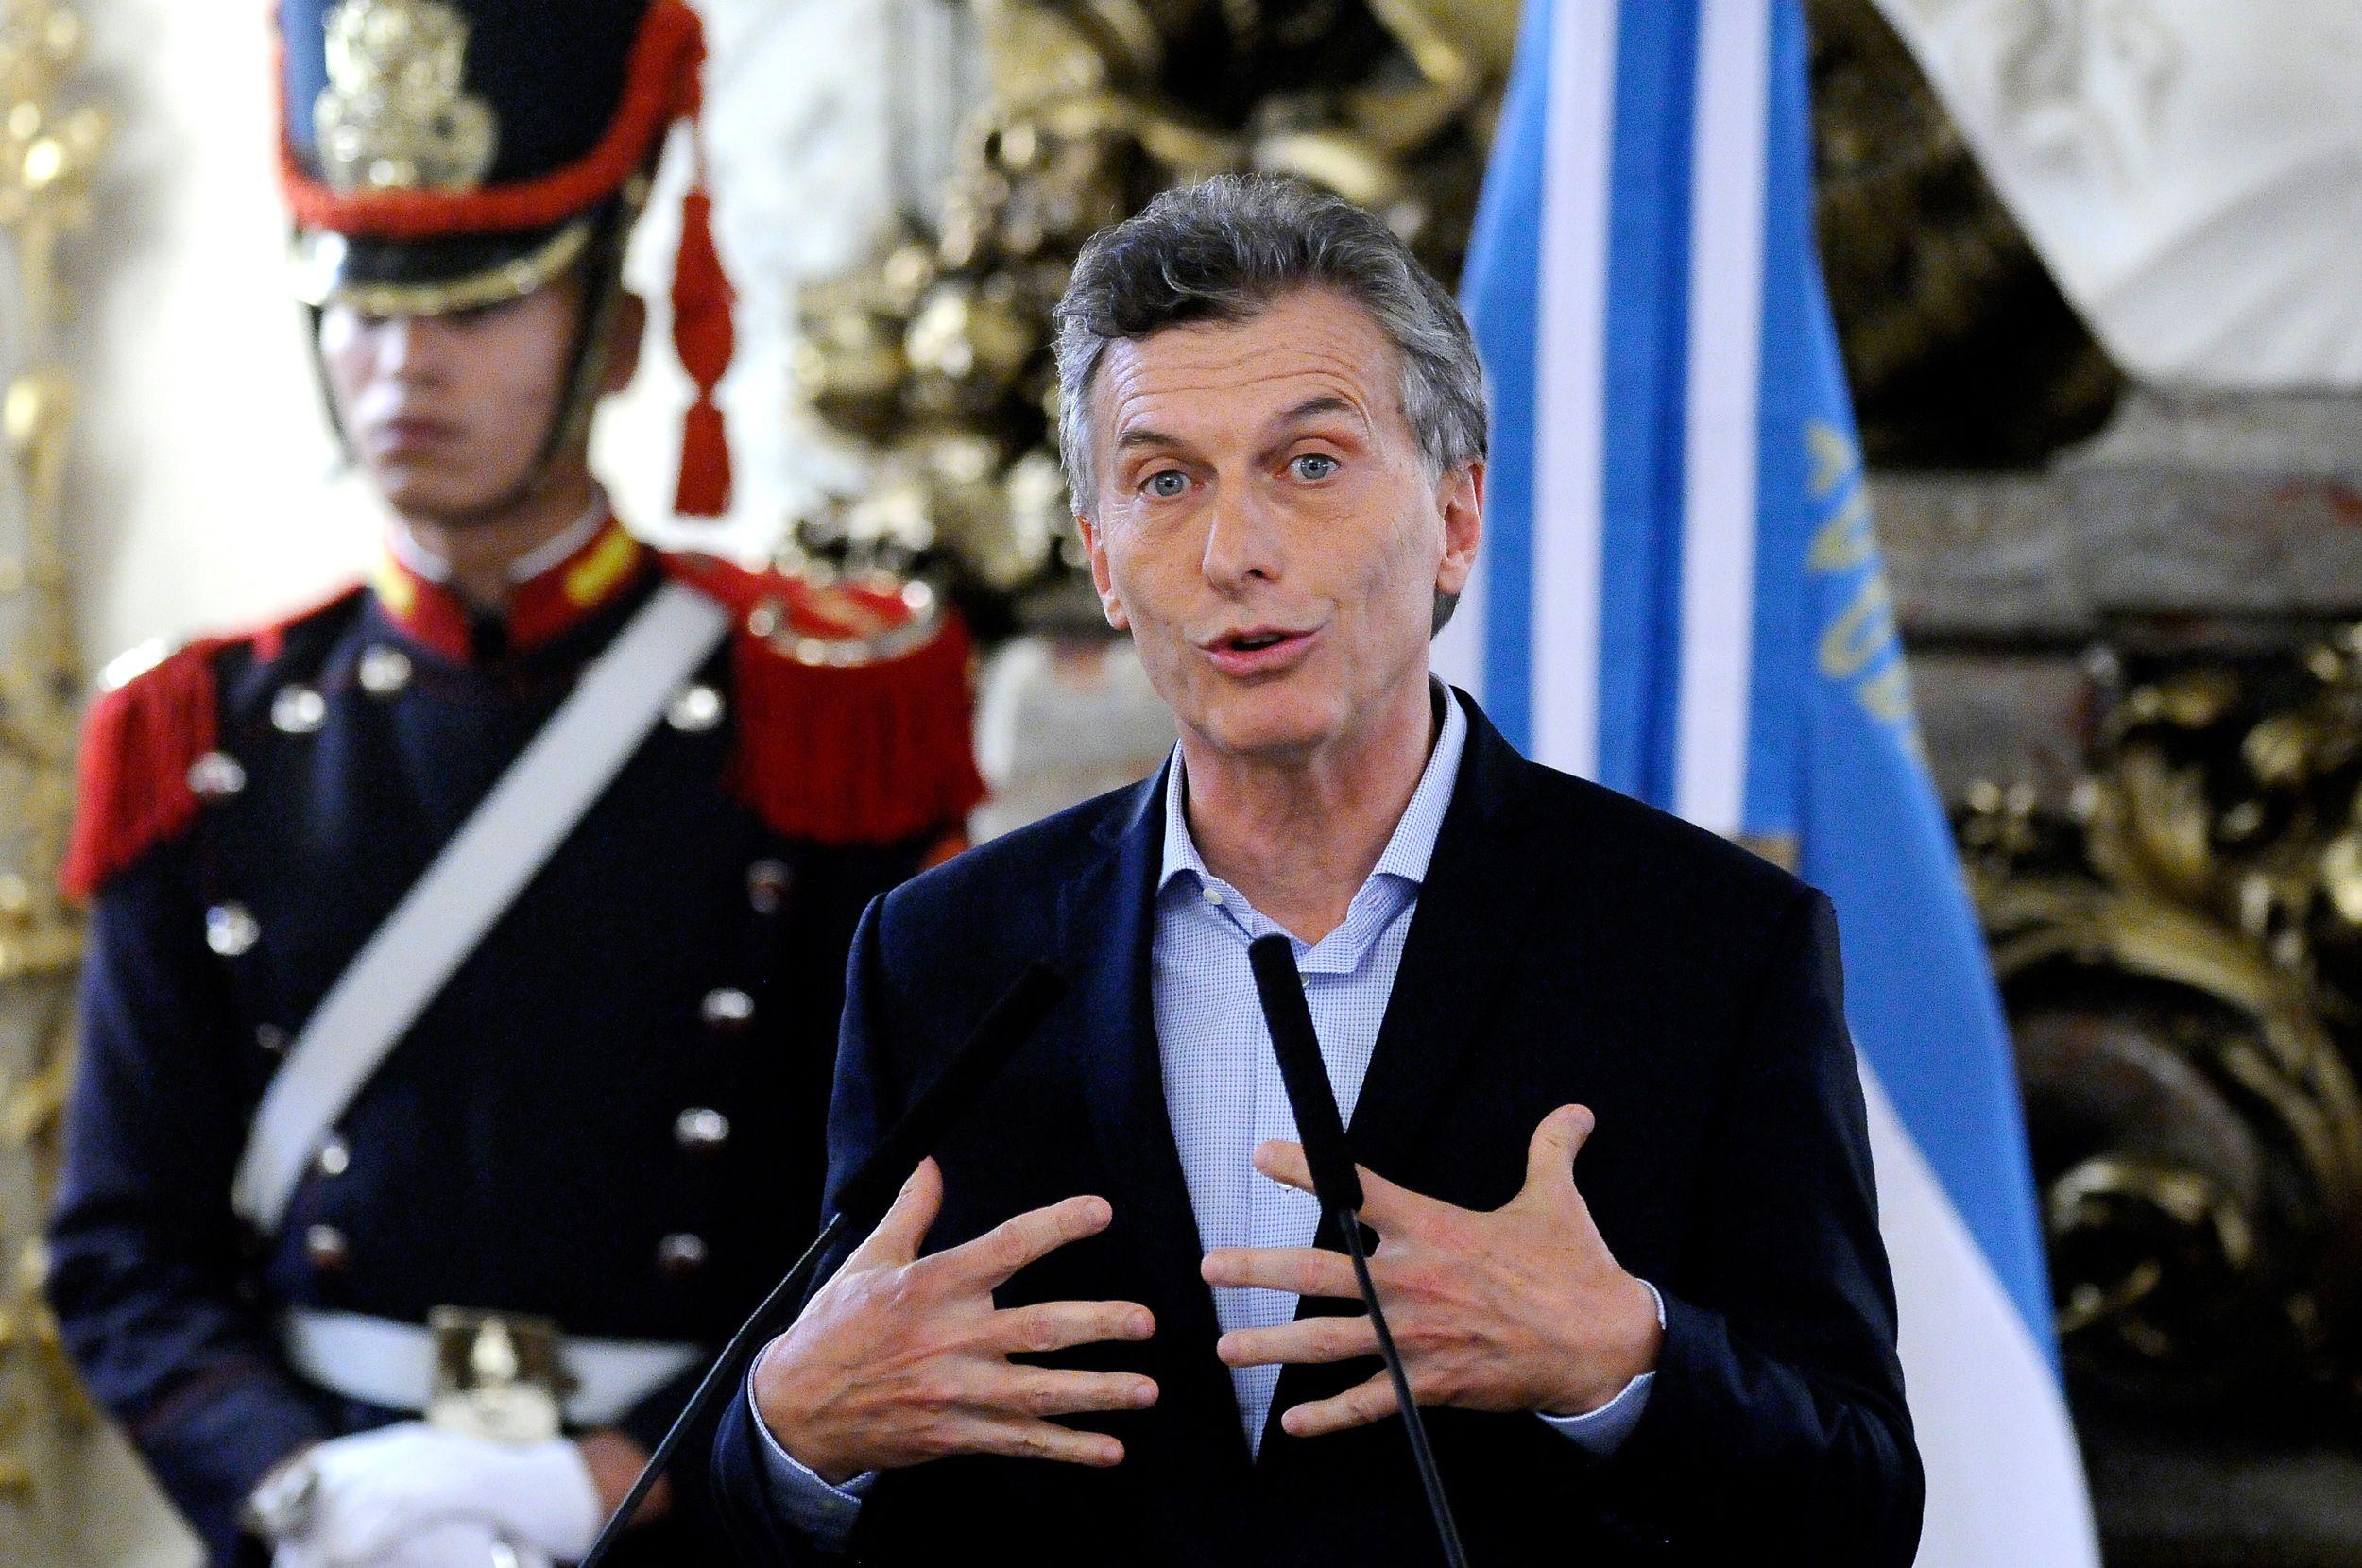 Habló el fiscal que imputó a Macri: Hay que investigar si ocultó o si se le escapó la tortuga